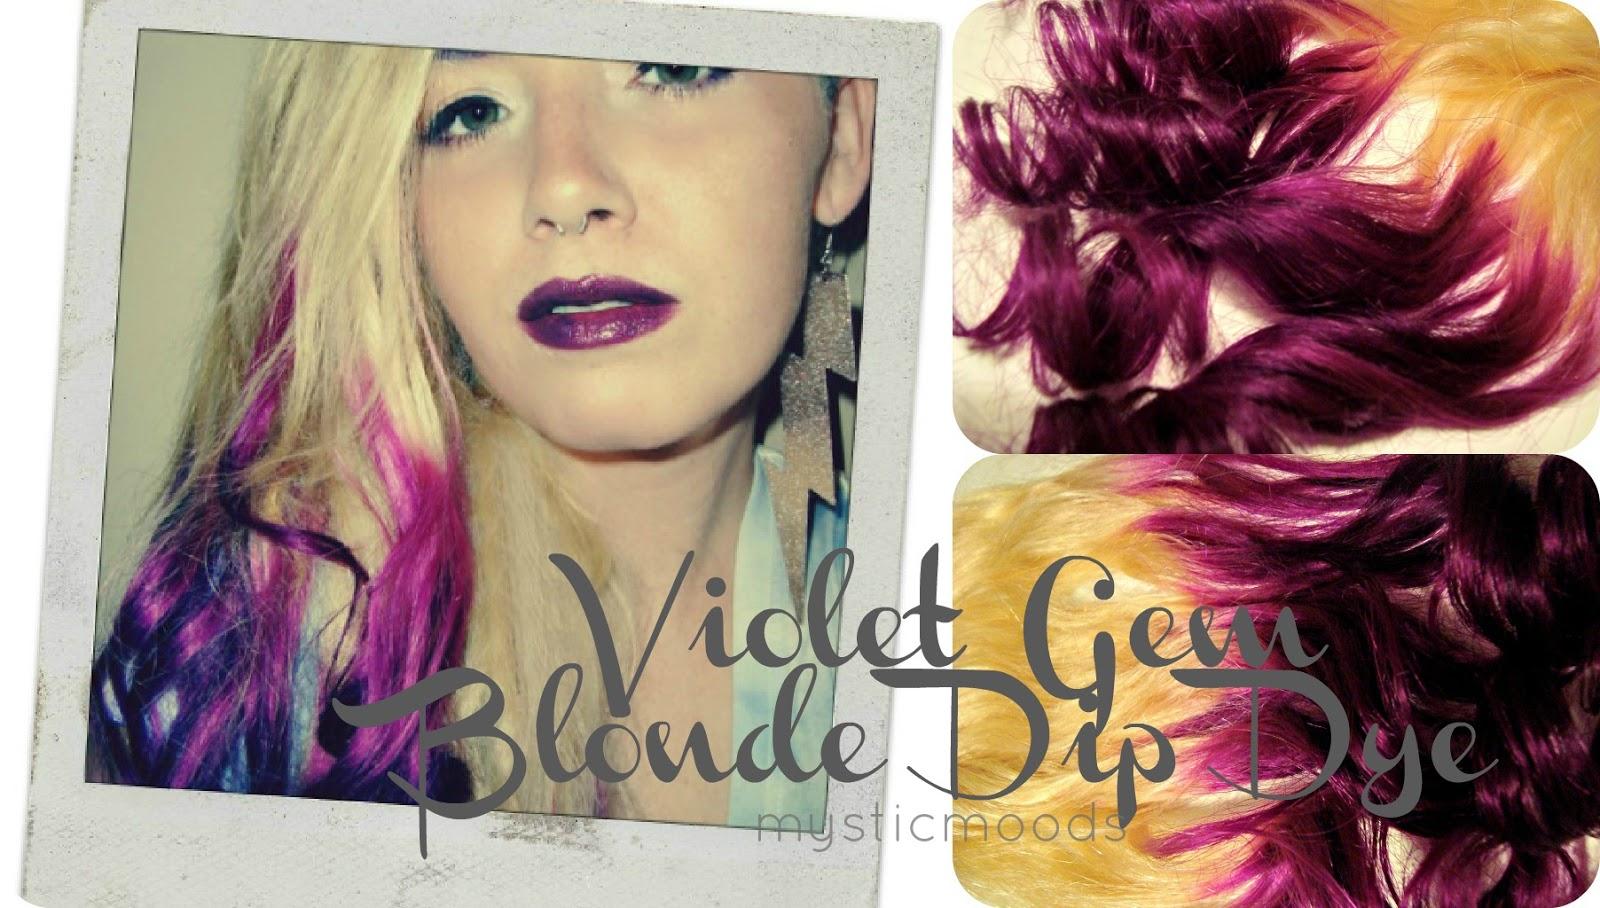 Mystic Moods Violet Gem Dip Dye Hair Extensions